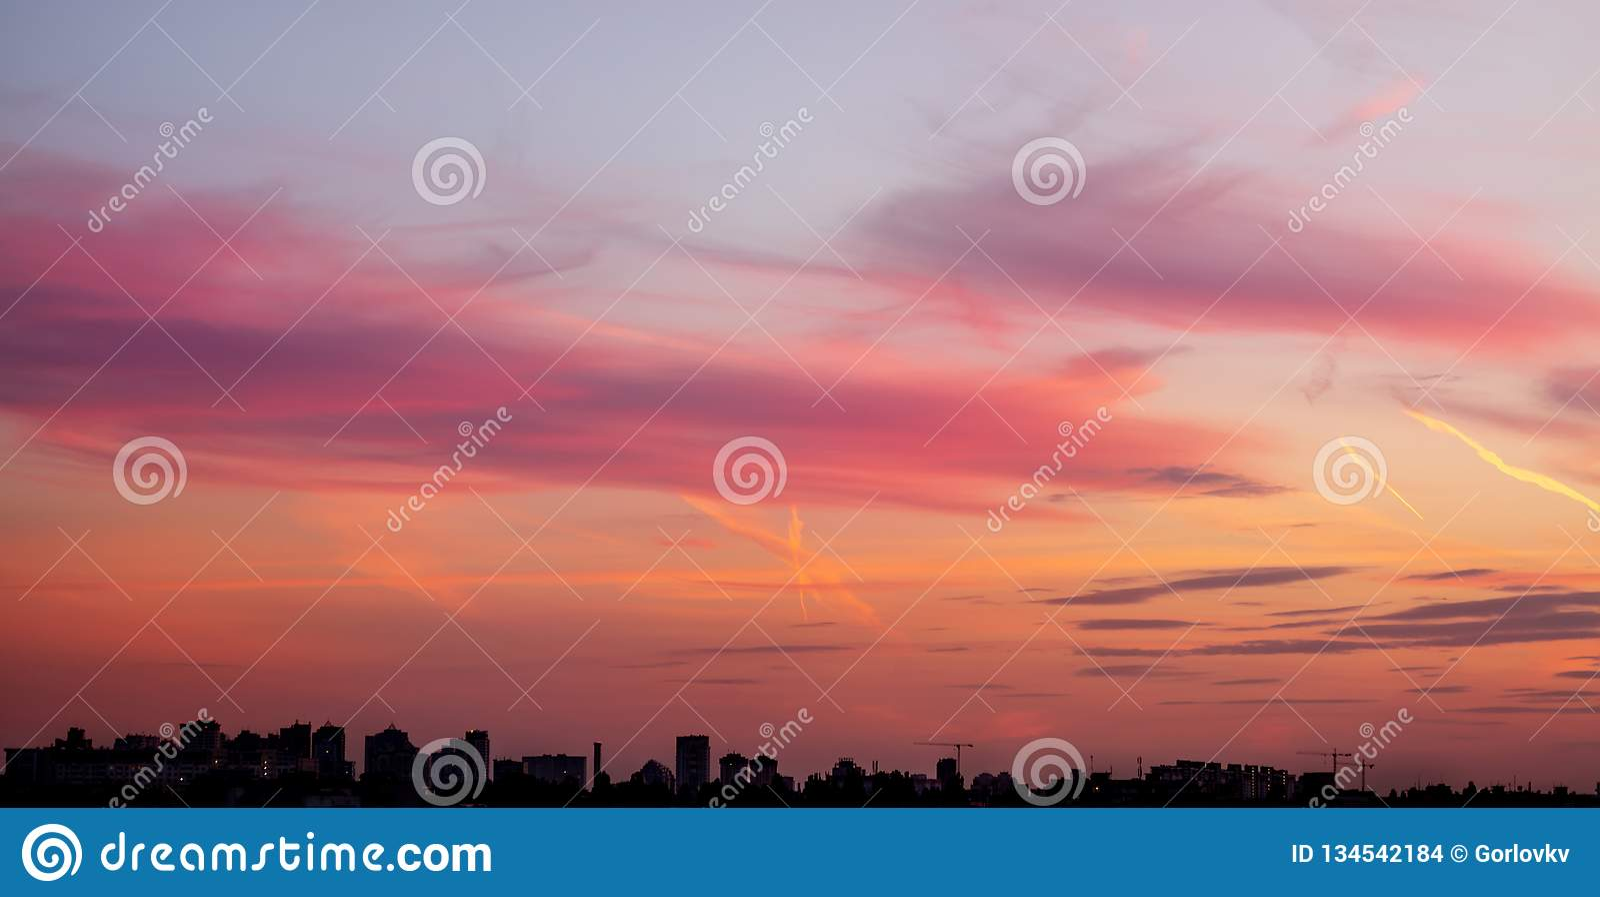 Pejzaż miejski z dramatycznym niebo zmierzchem Sylwetka budynku aand żurawie przy budową Miastowy przemysłowy miasta tło